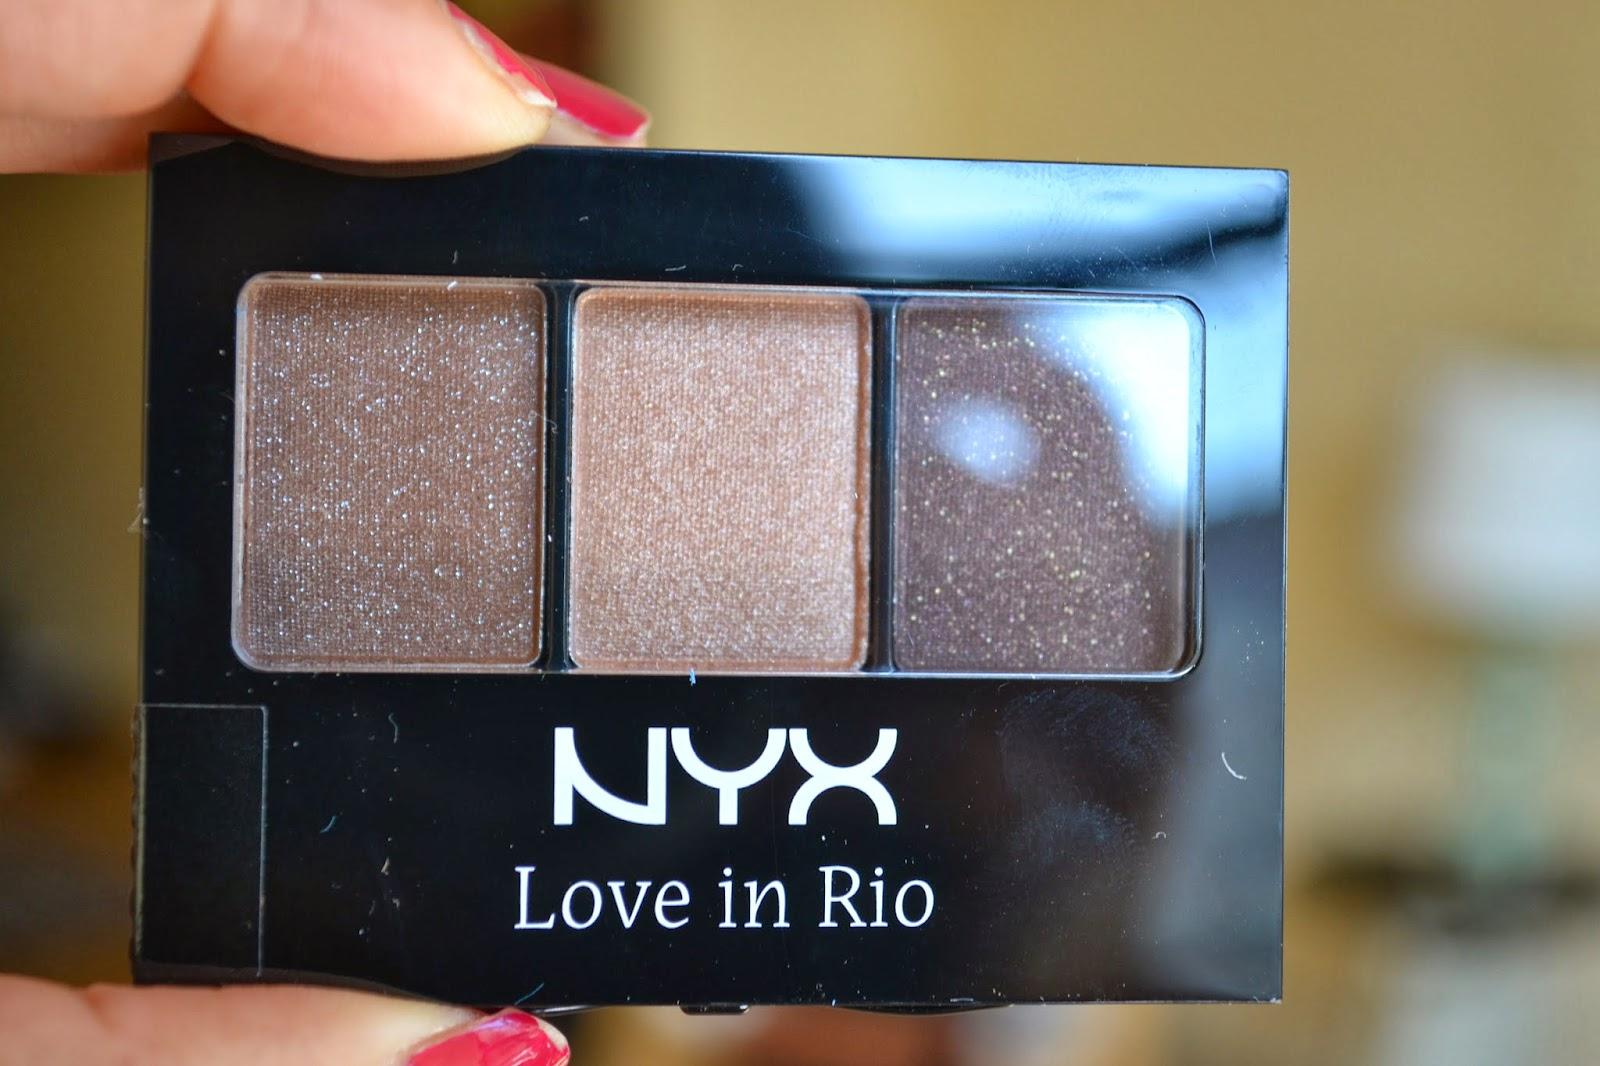 NYX Love in Rio